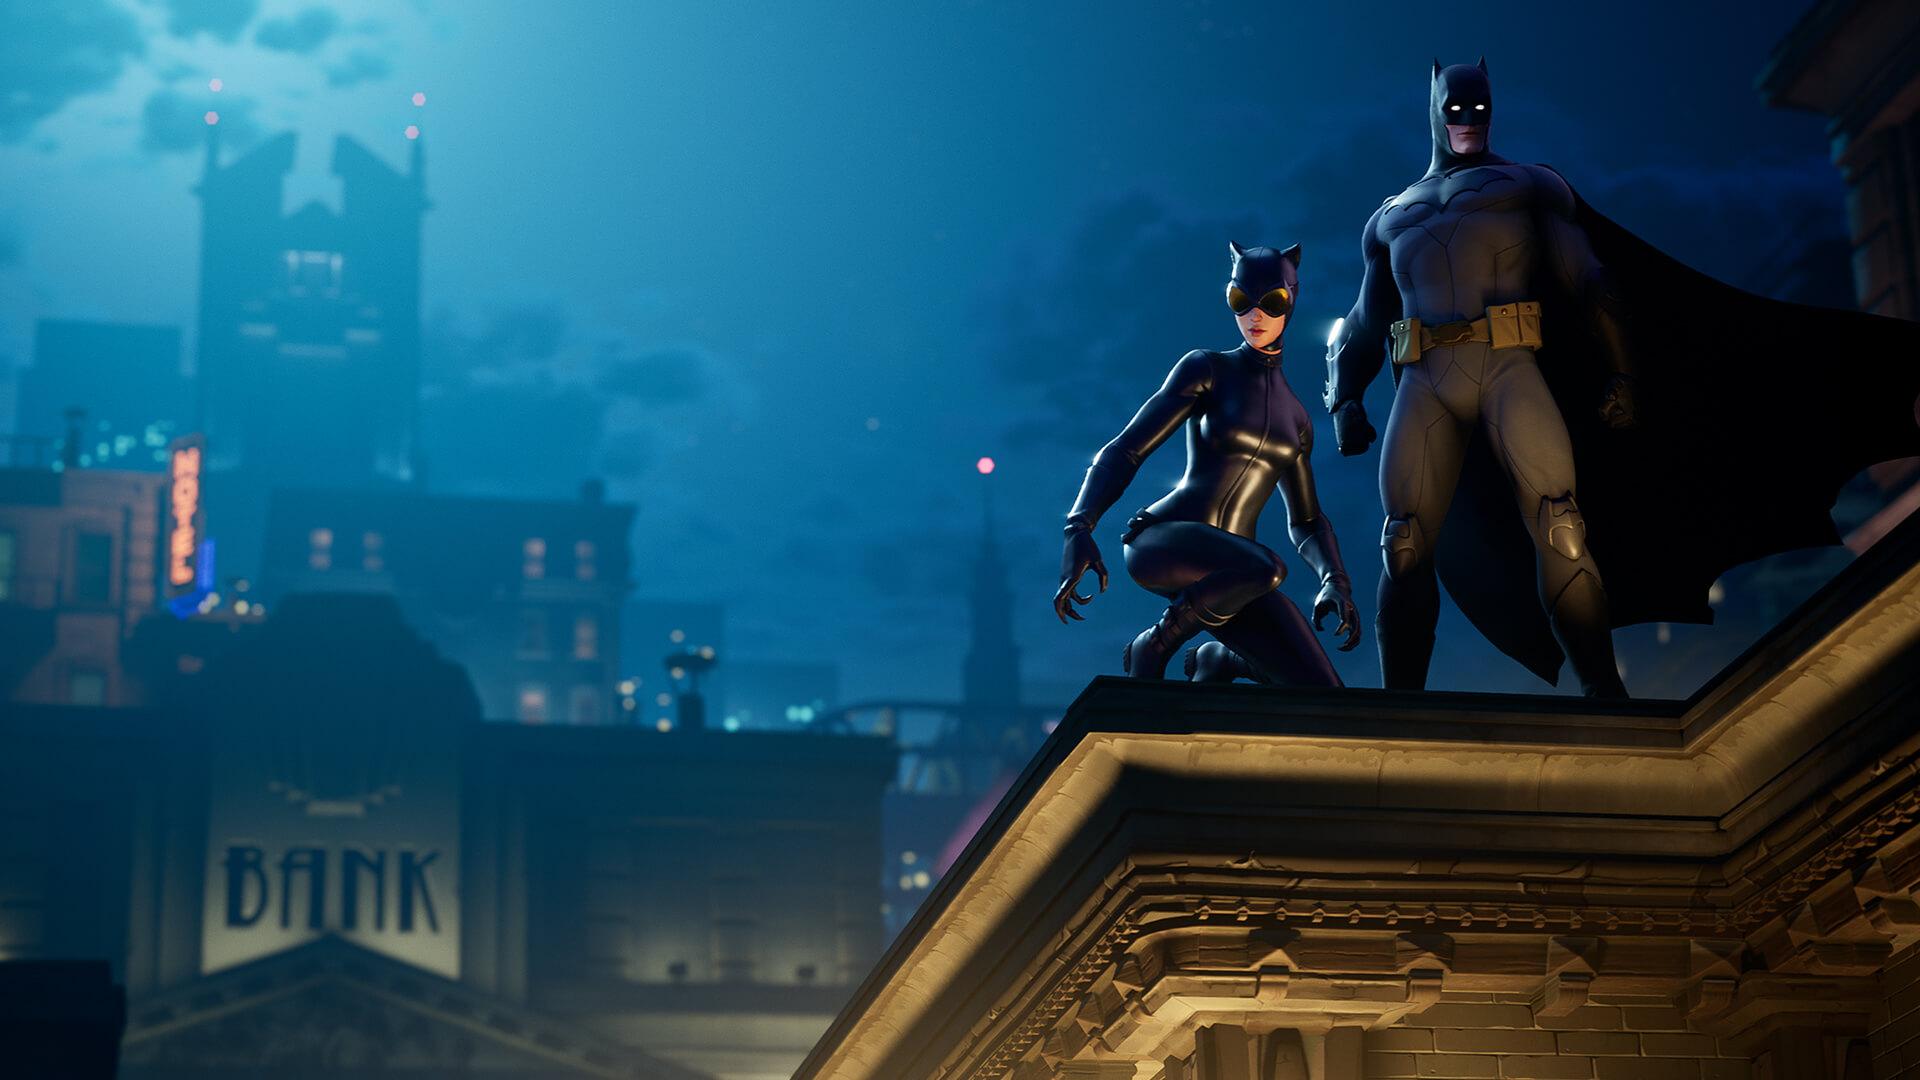 Albert Fortnite Videos The Fortnite Batman Crossover Is Here Cnn